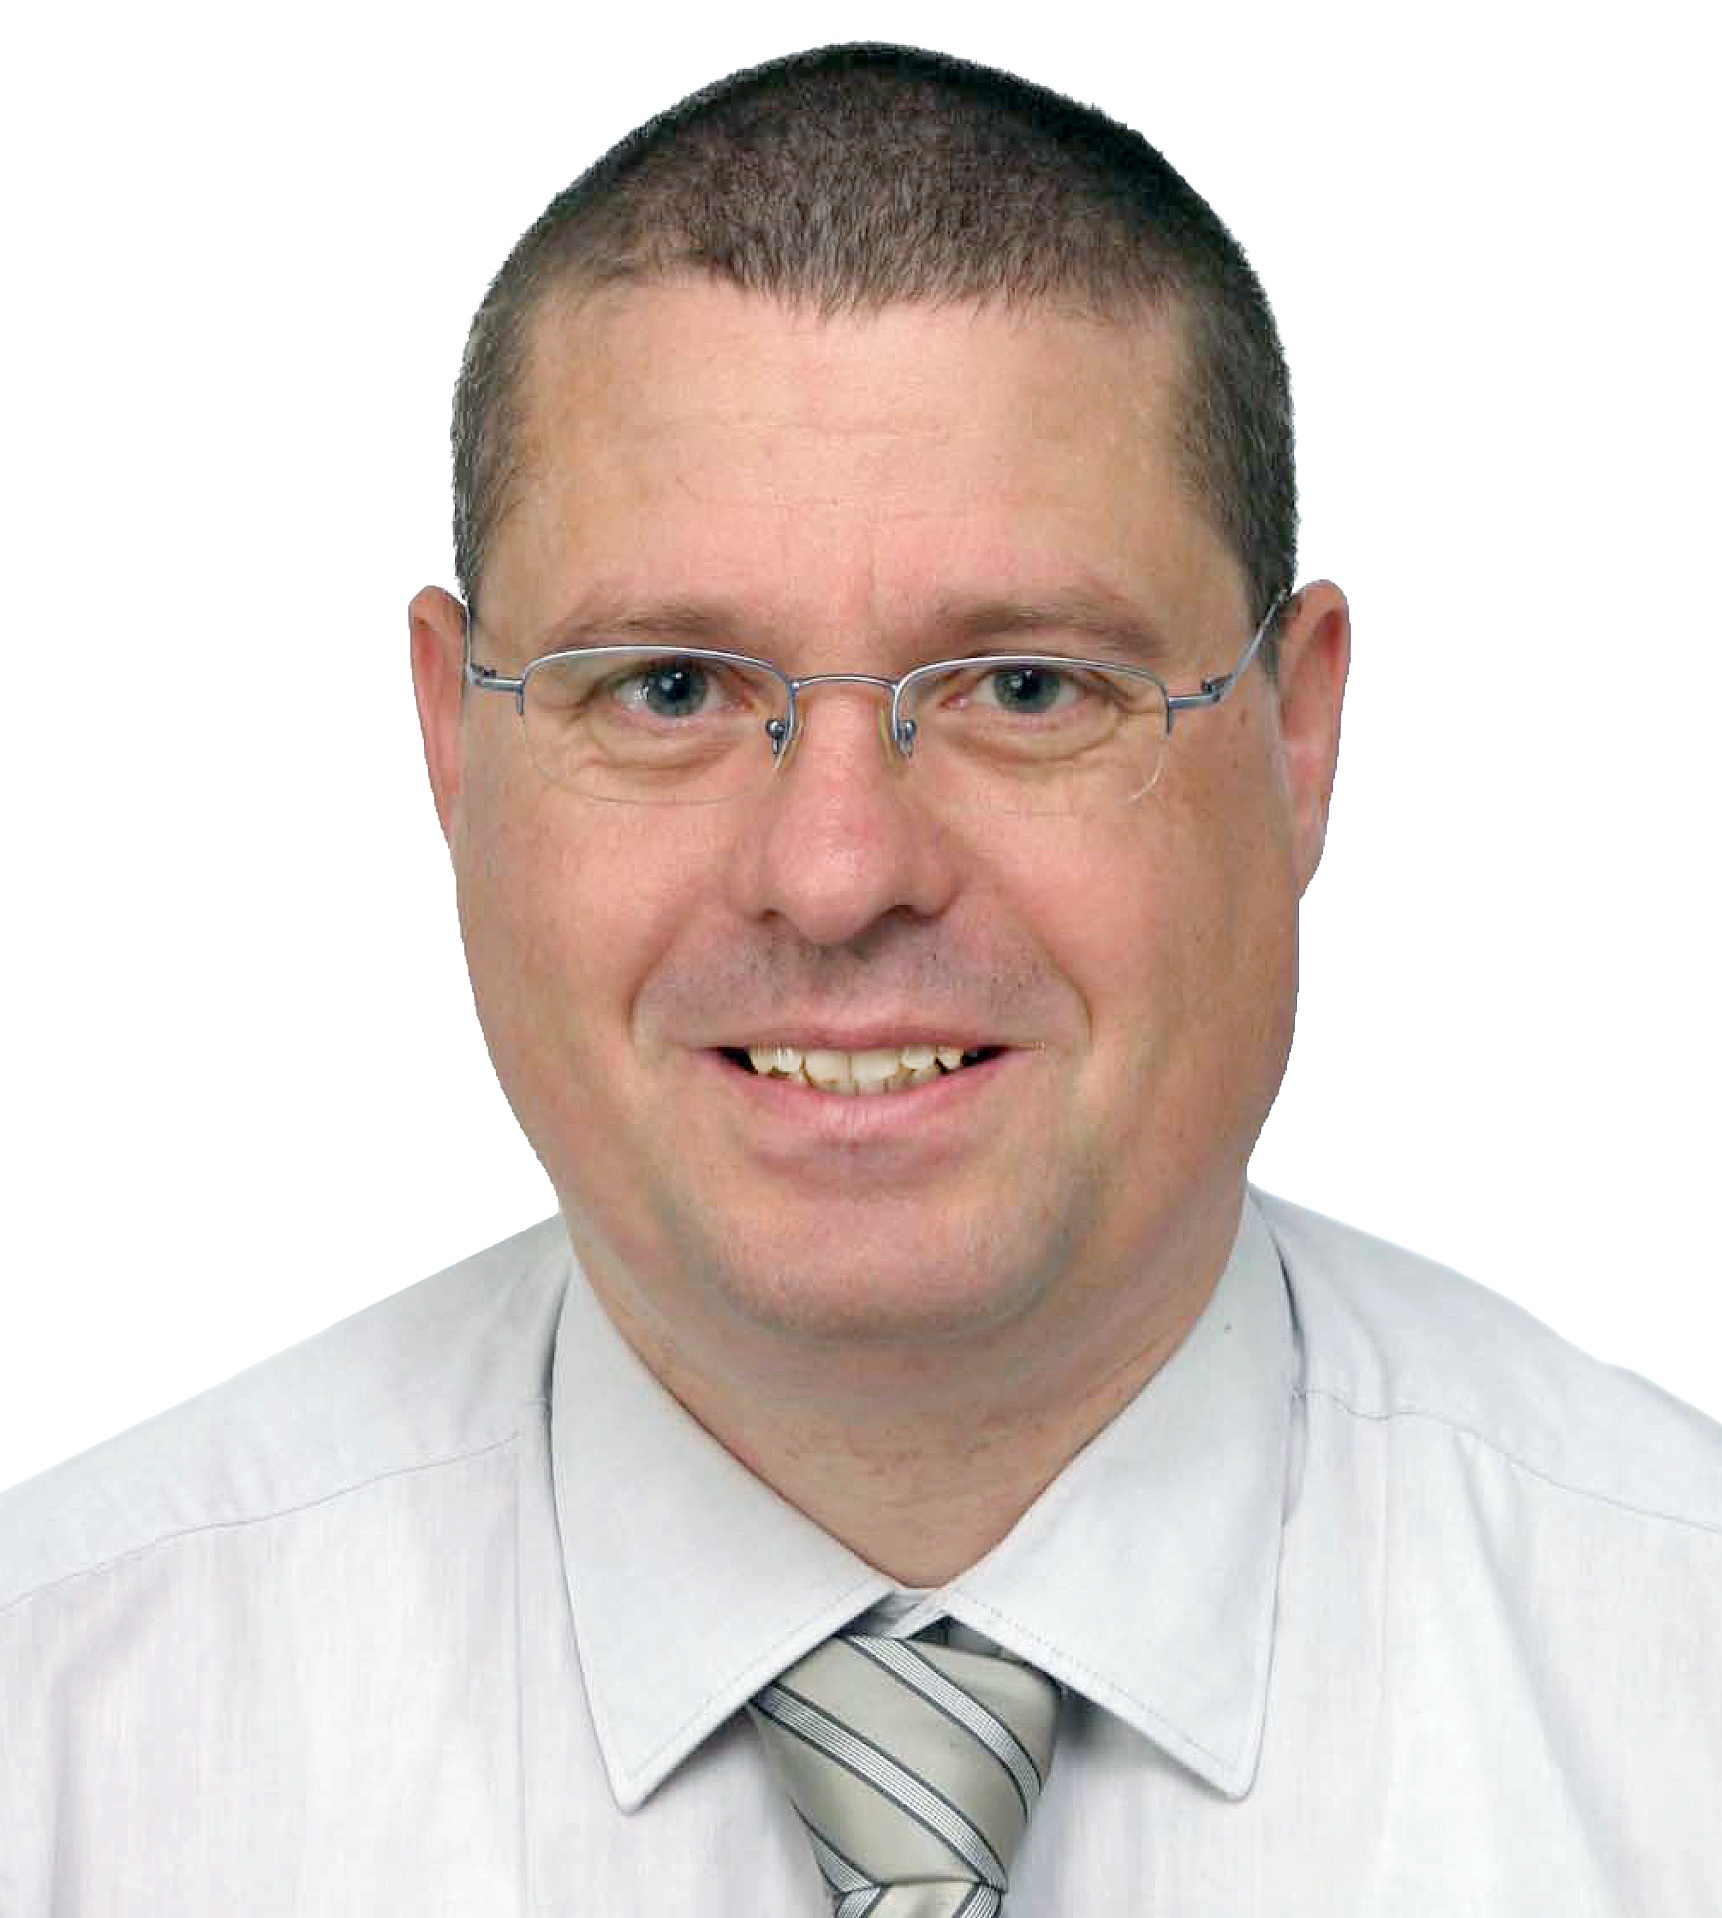 BOSCH Senior R&D Technologist Uwe Iben to Speak at All-over-IP 2018